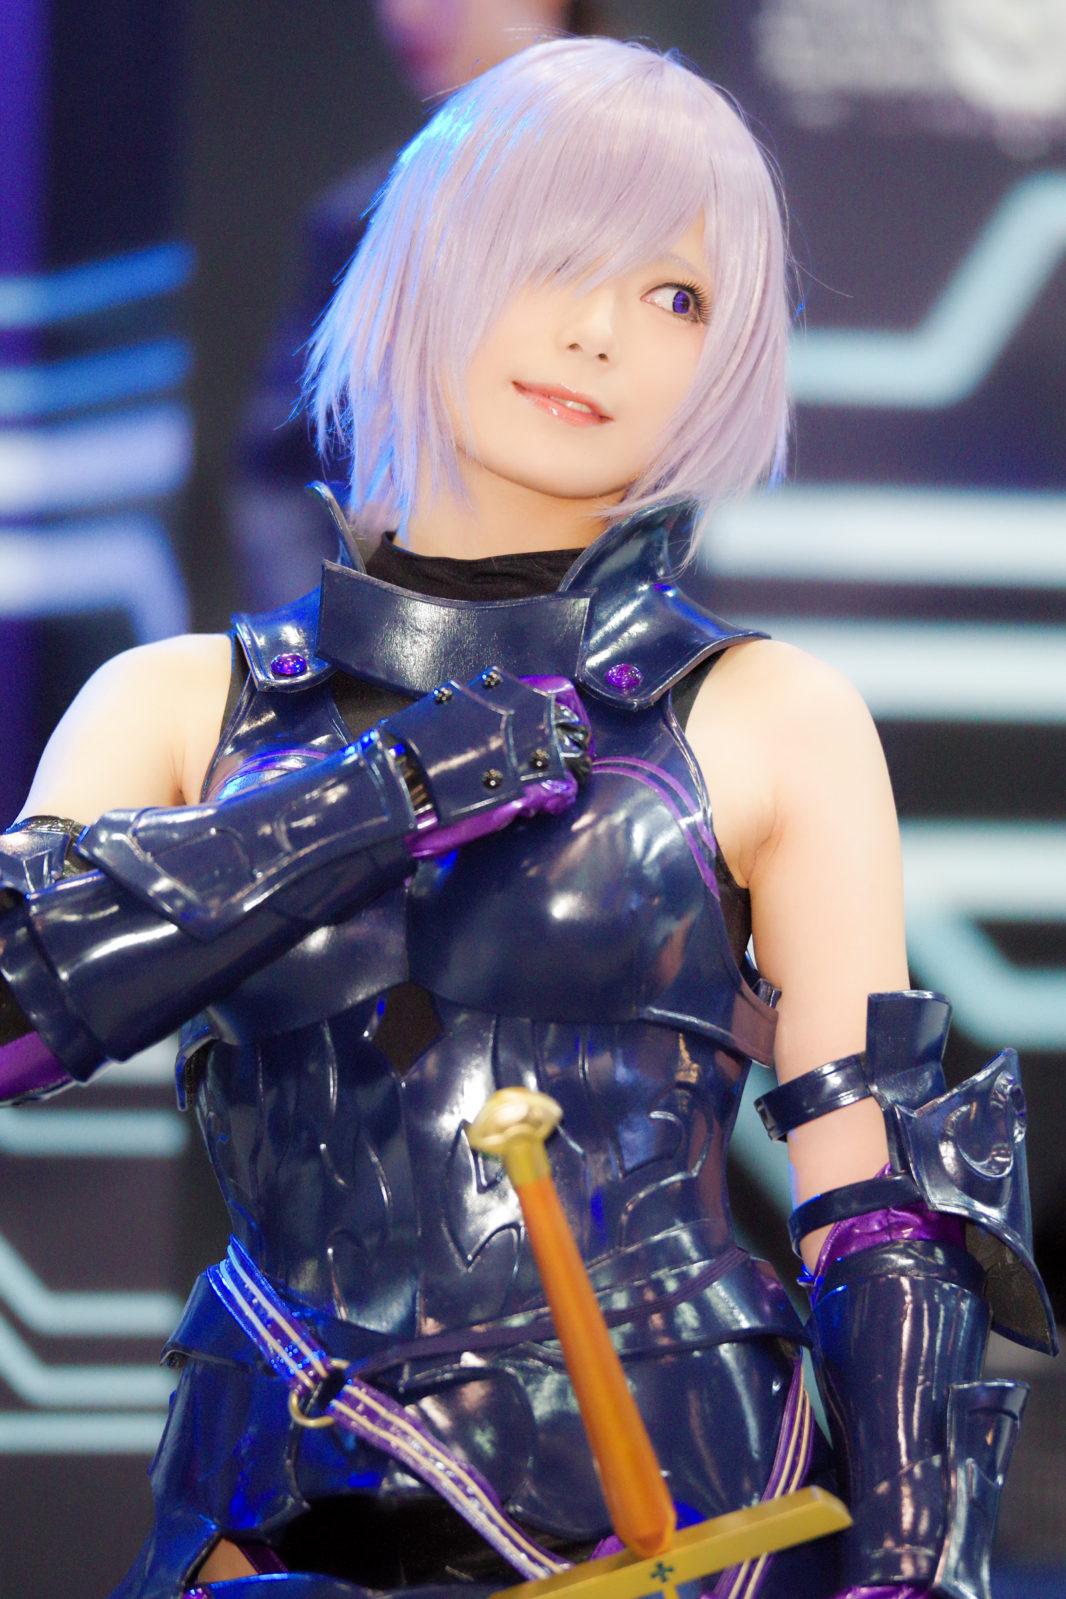 Fate/Grand Orderブースのお姉さん | PENTAX K-1&D FA★70-200mm&Cactus V6II&RF60X